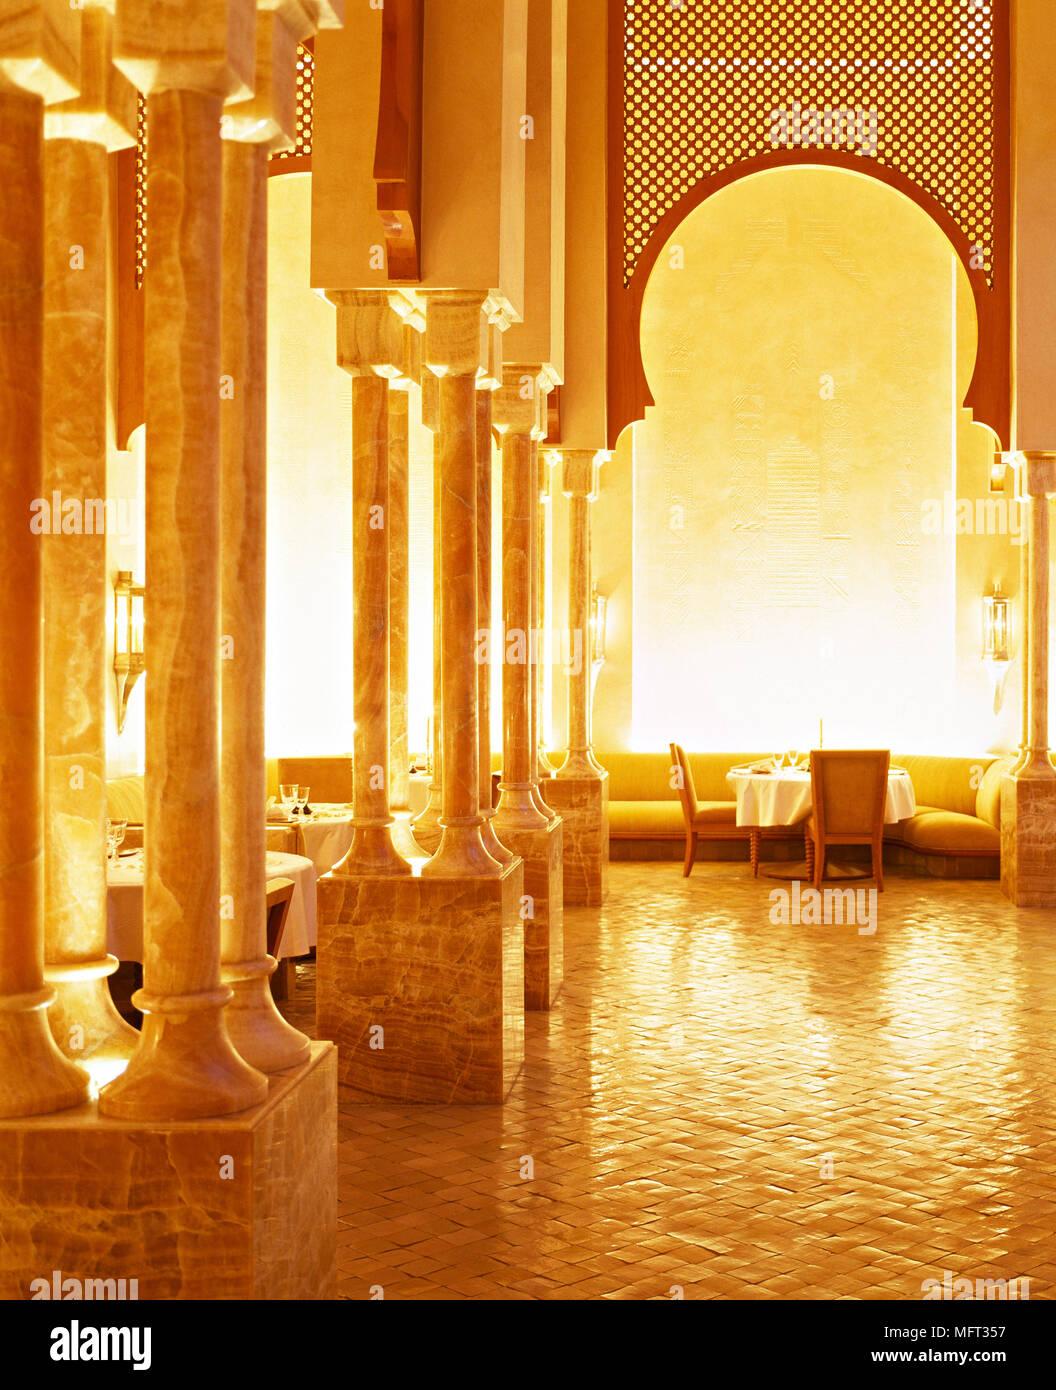 Marokkanische Terrakotta Esszimmer Hohen Gewölbten Decke Sitzgelegenheiten  Innenräume Zimmer Ethnischen Einfluss Warmen Farben Arabischen Maurischen  ...